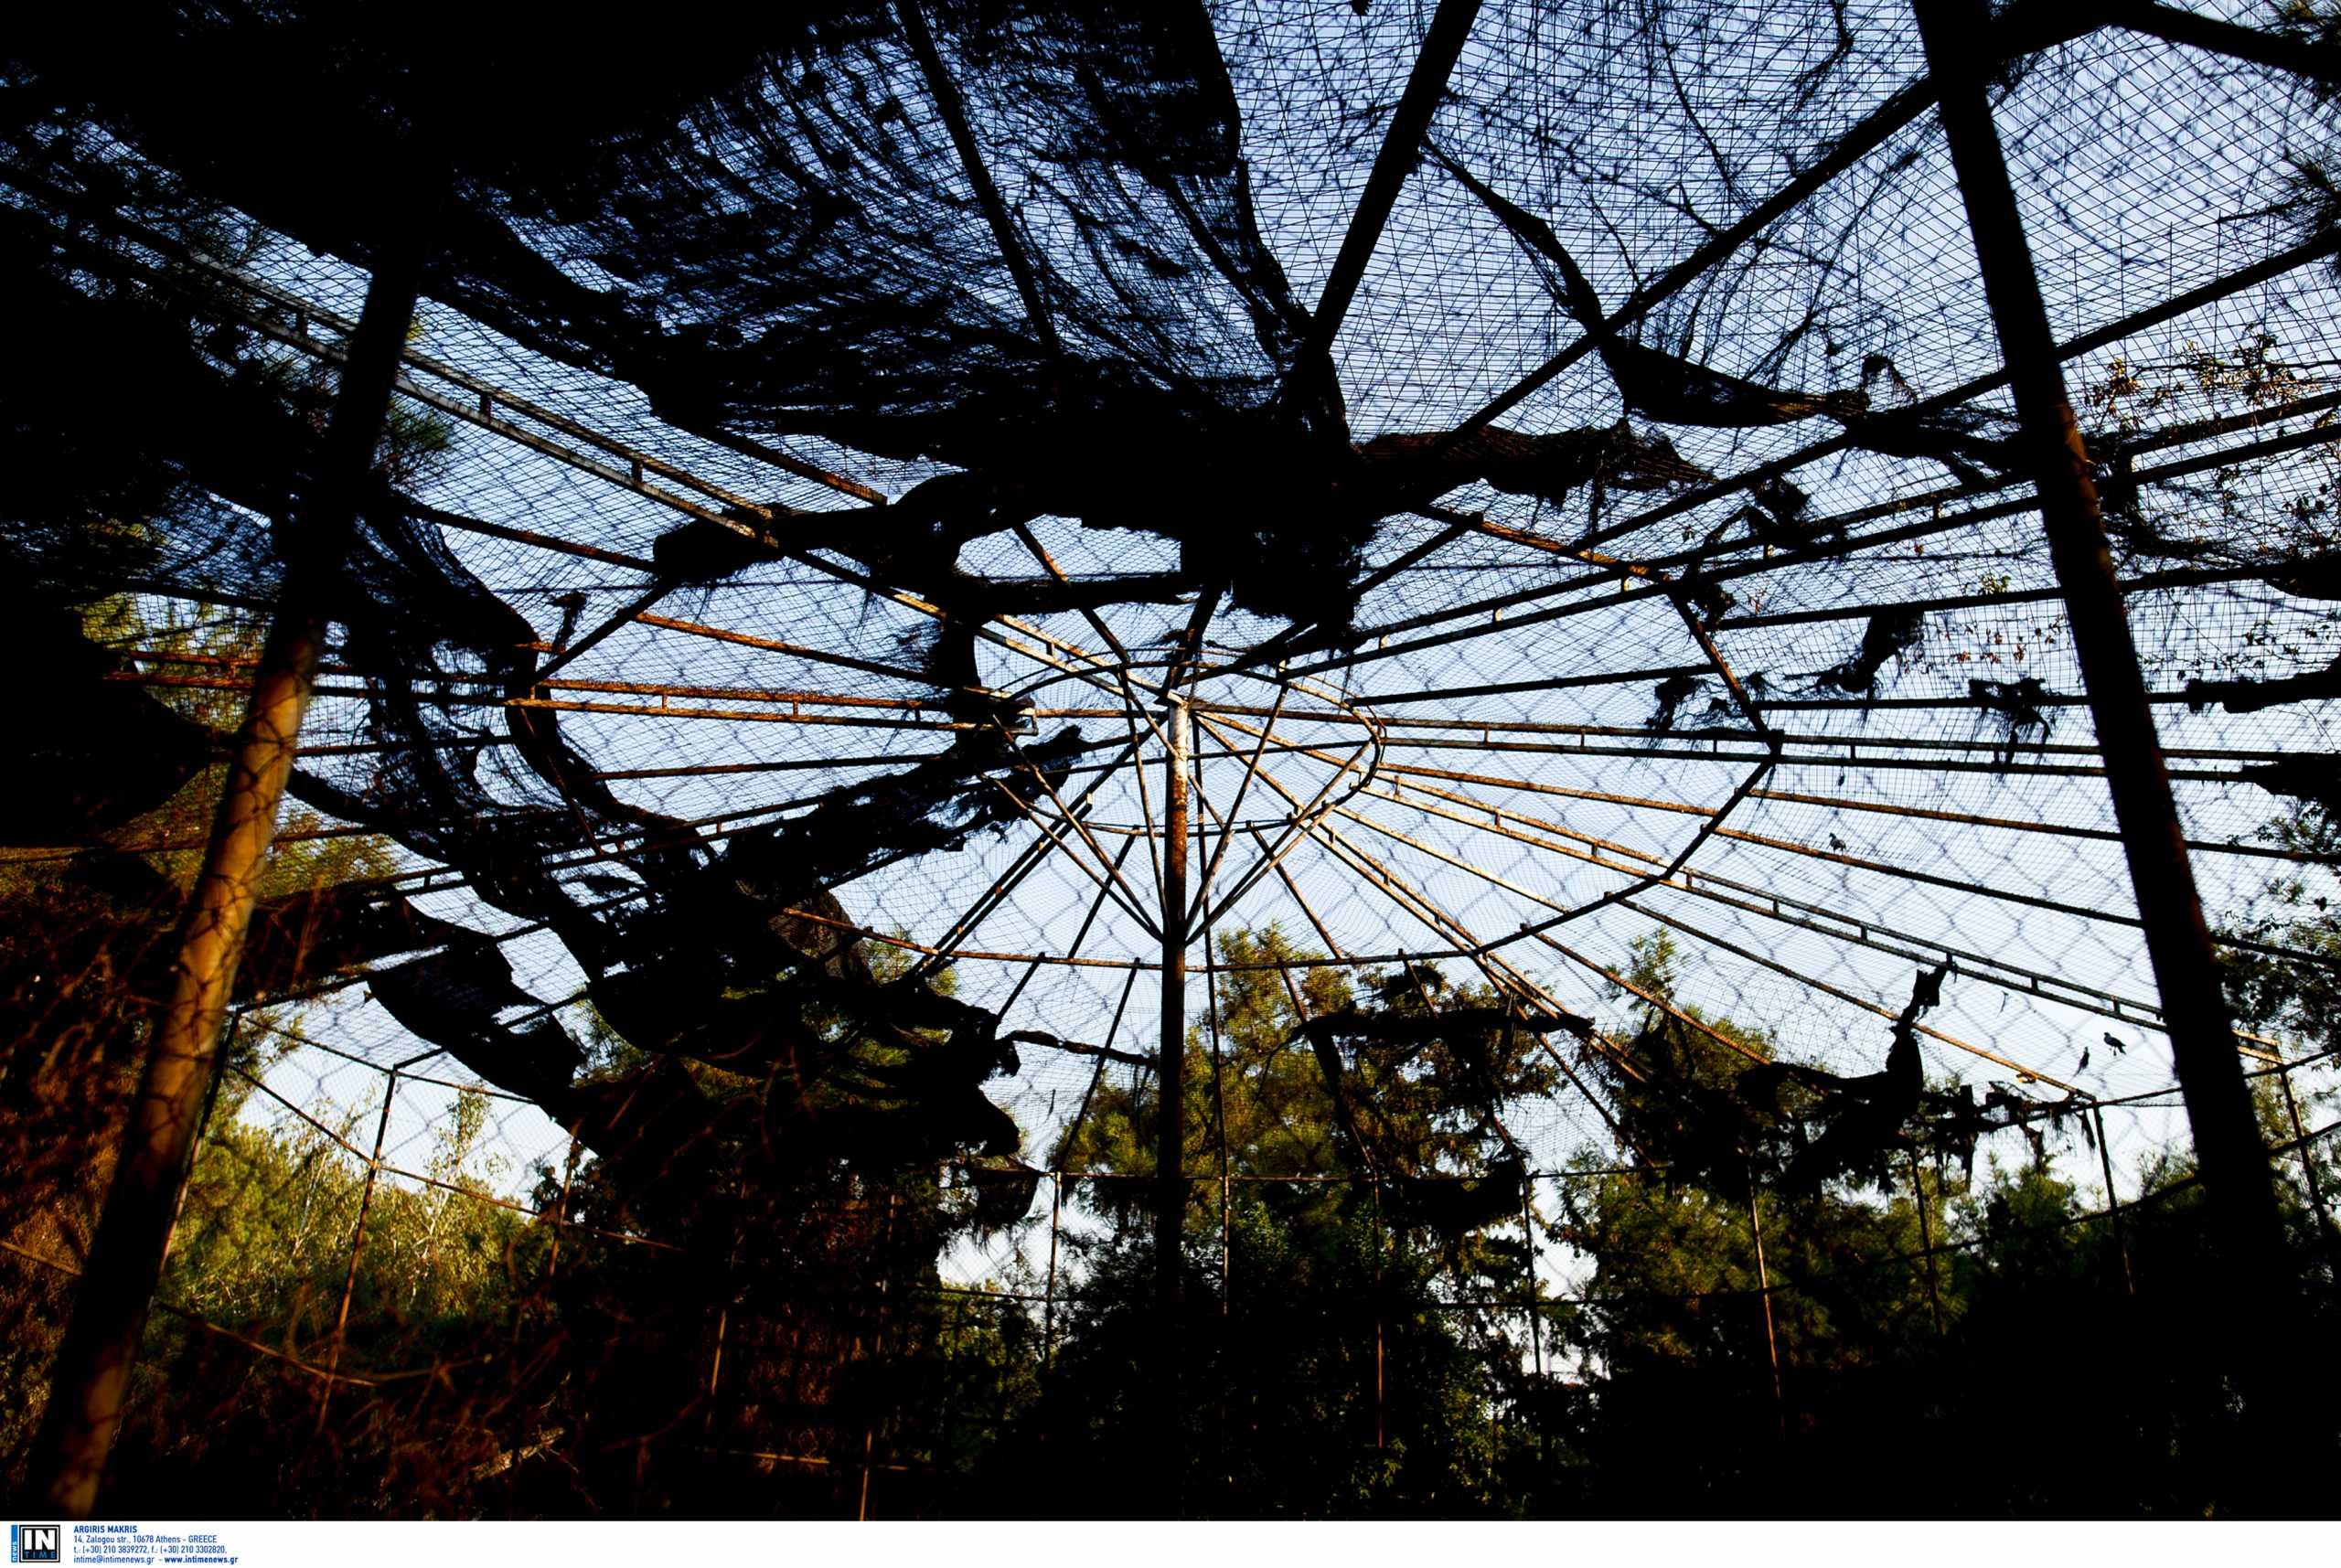 Συναγερμός για λεοπάρδαλη που κυκλοφορεί ελεύθερη αφού το έσκασε από ζωολογικό κήπο της Κίνας